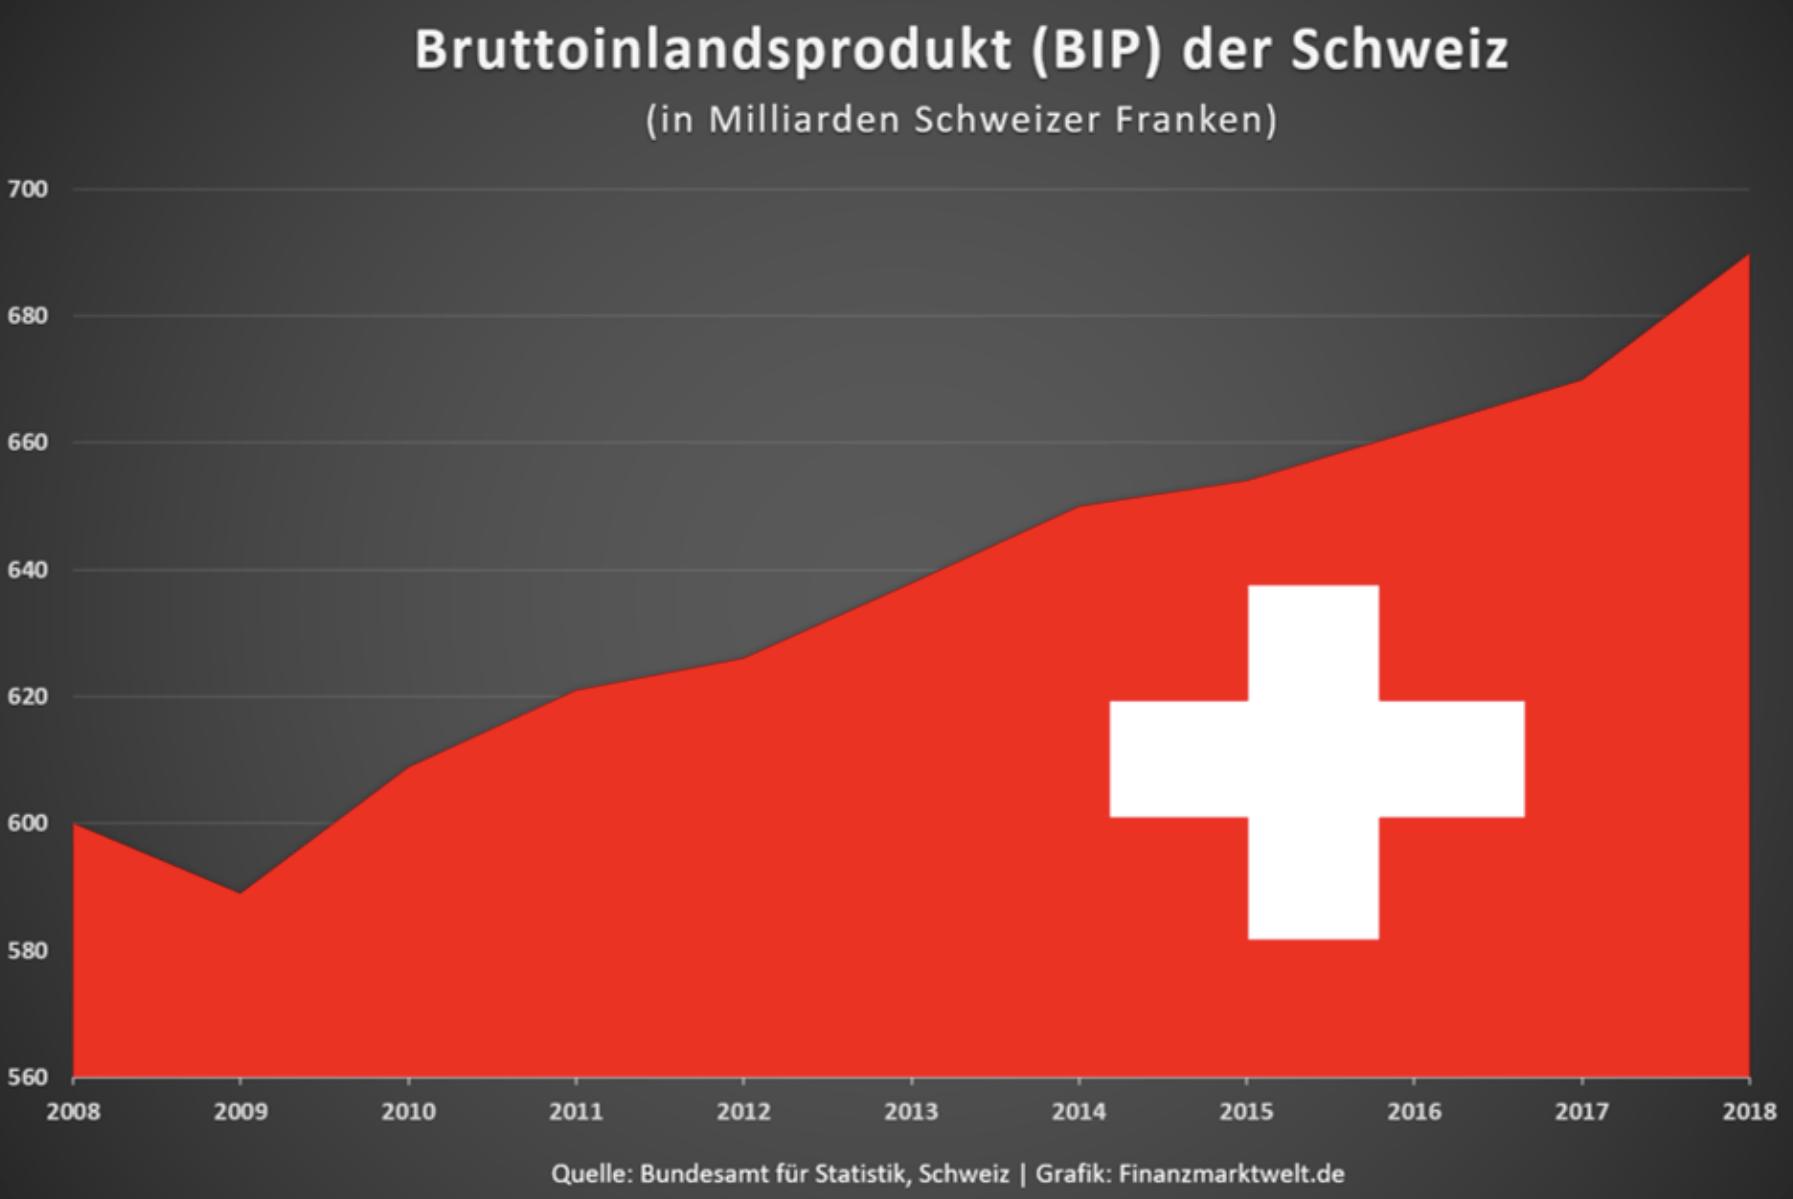 Bruttoinlandsprodukt in der Schweiz